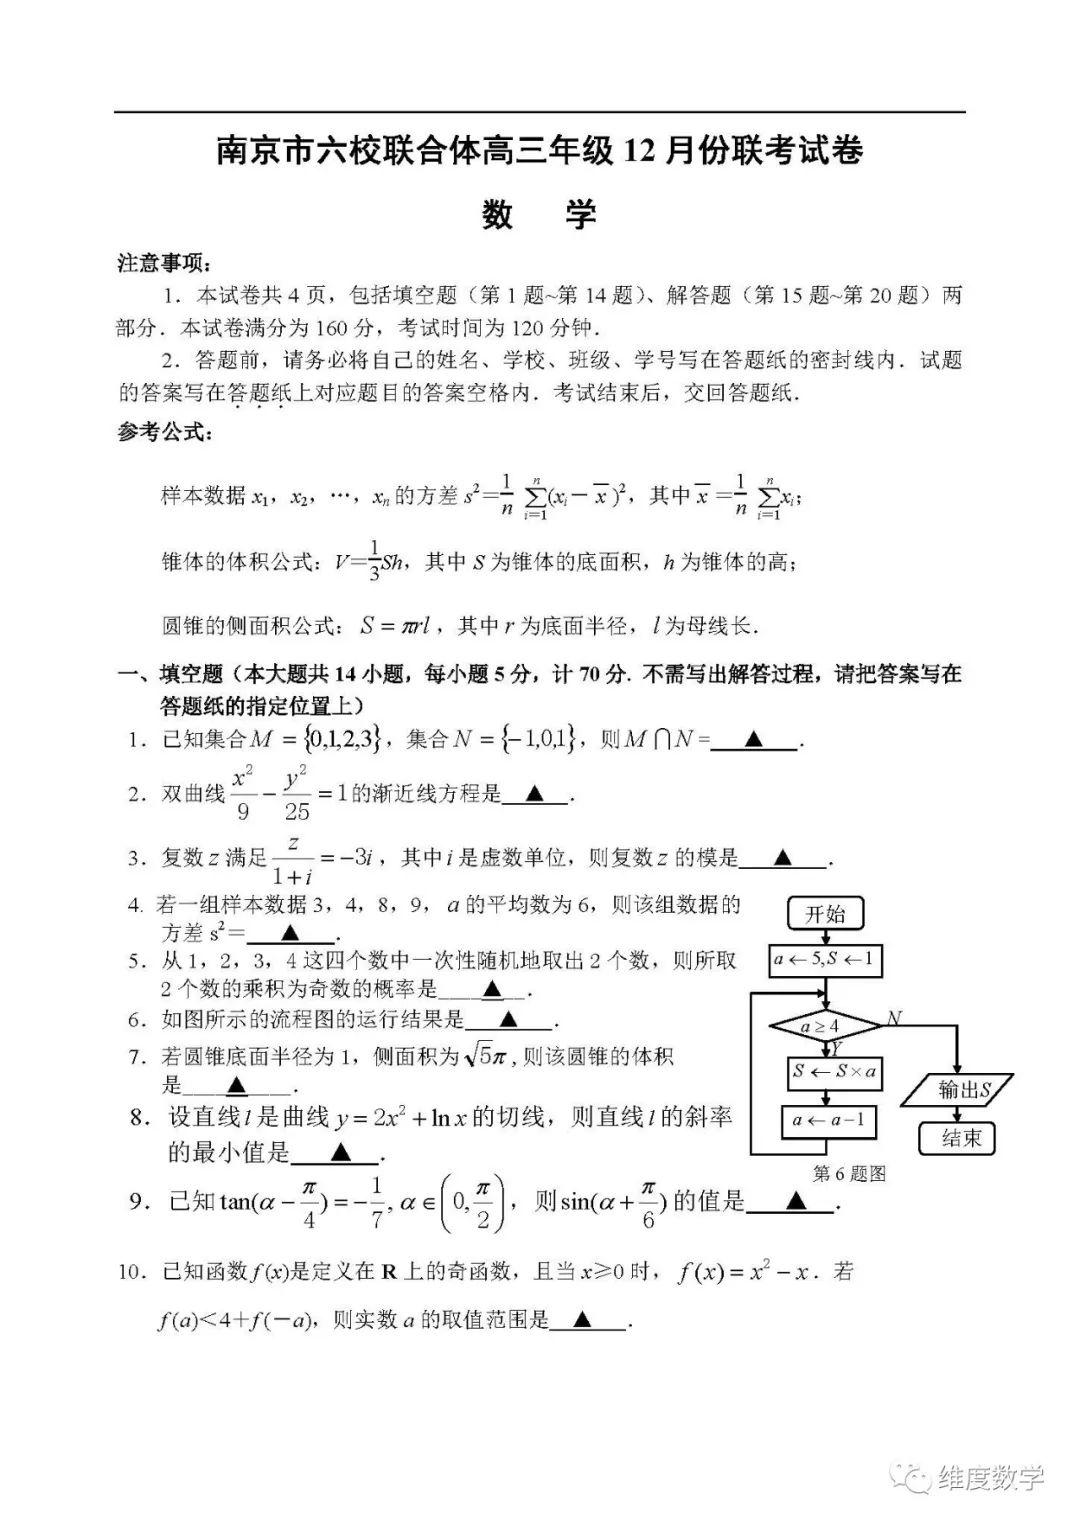 2019届江苏南京六校联合体12月份联考试卷及答案